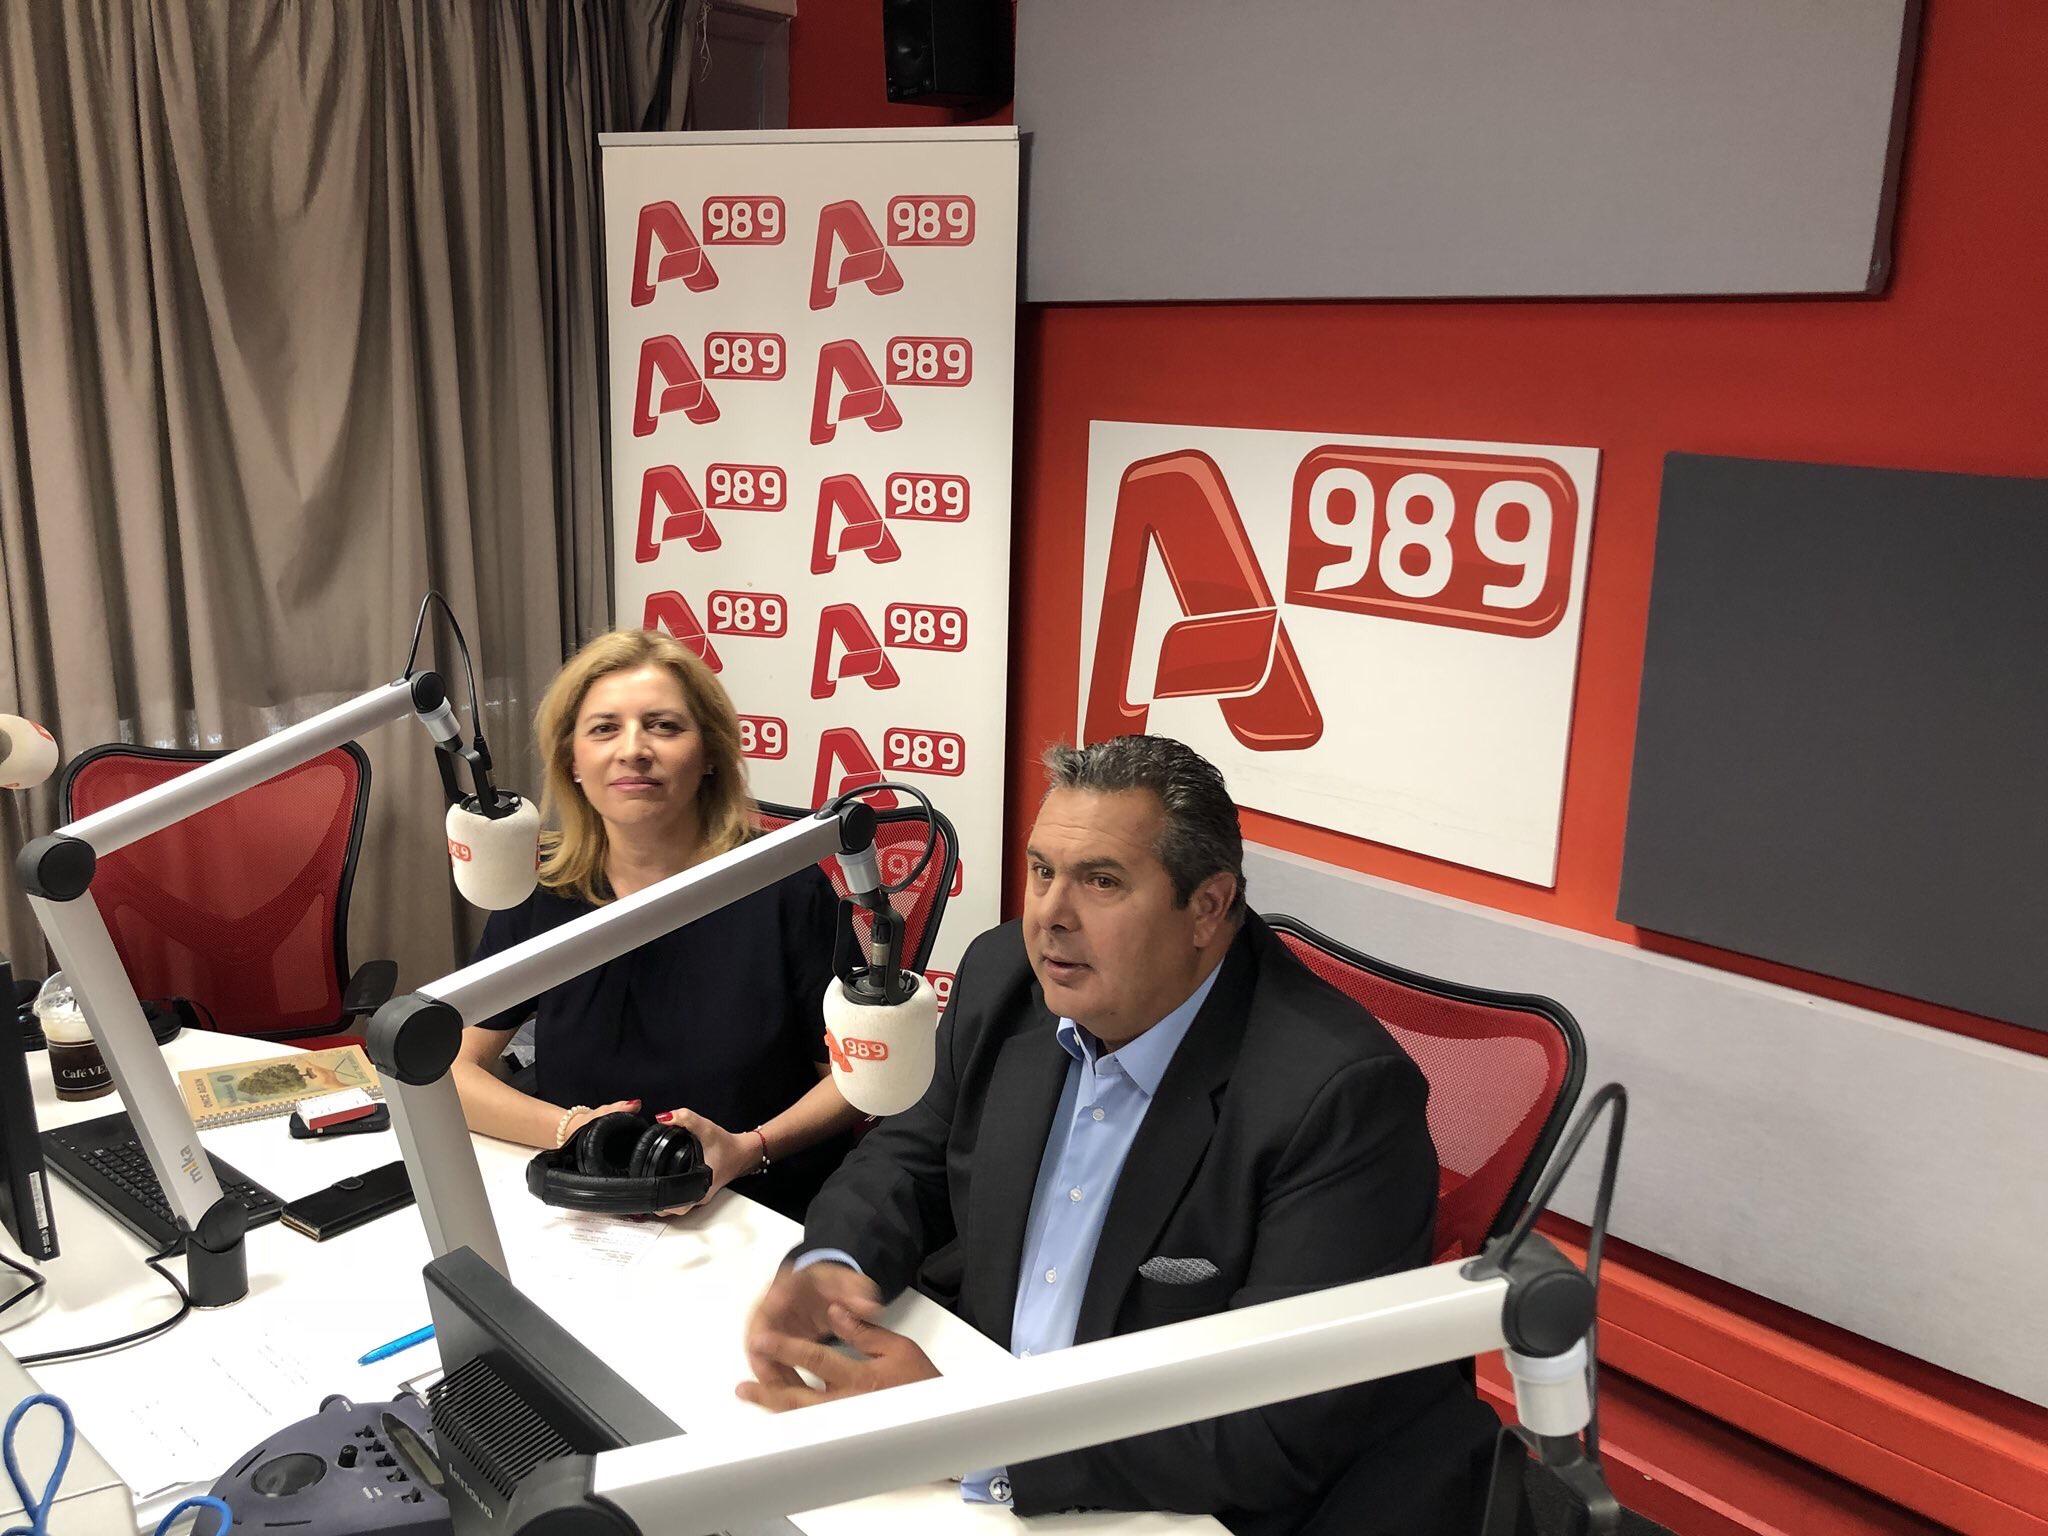 ΥΕΘΑ @PanosKammenos στον Άλφα 989:Οι Ανεξάρτητοι Έλληνες δεν ψηφίζουμε ονομασία που περιλαμβάνει τον όρο Μακεδονία